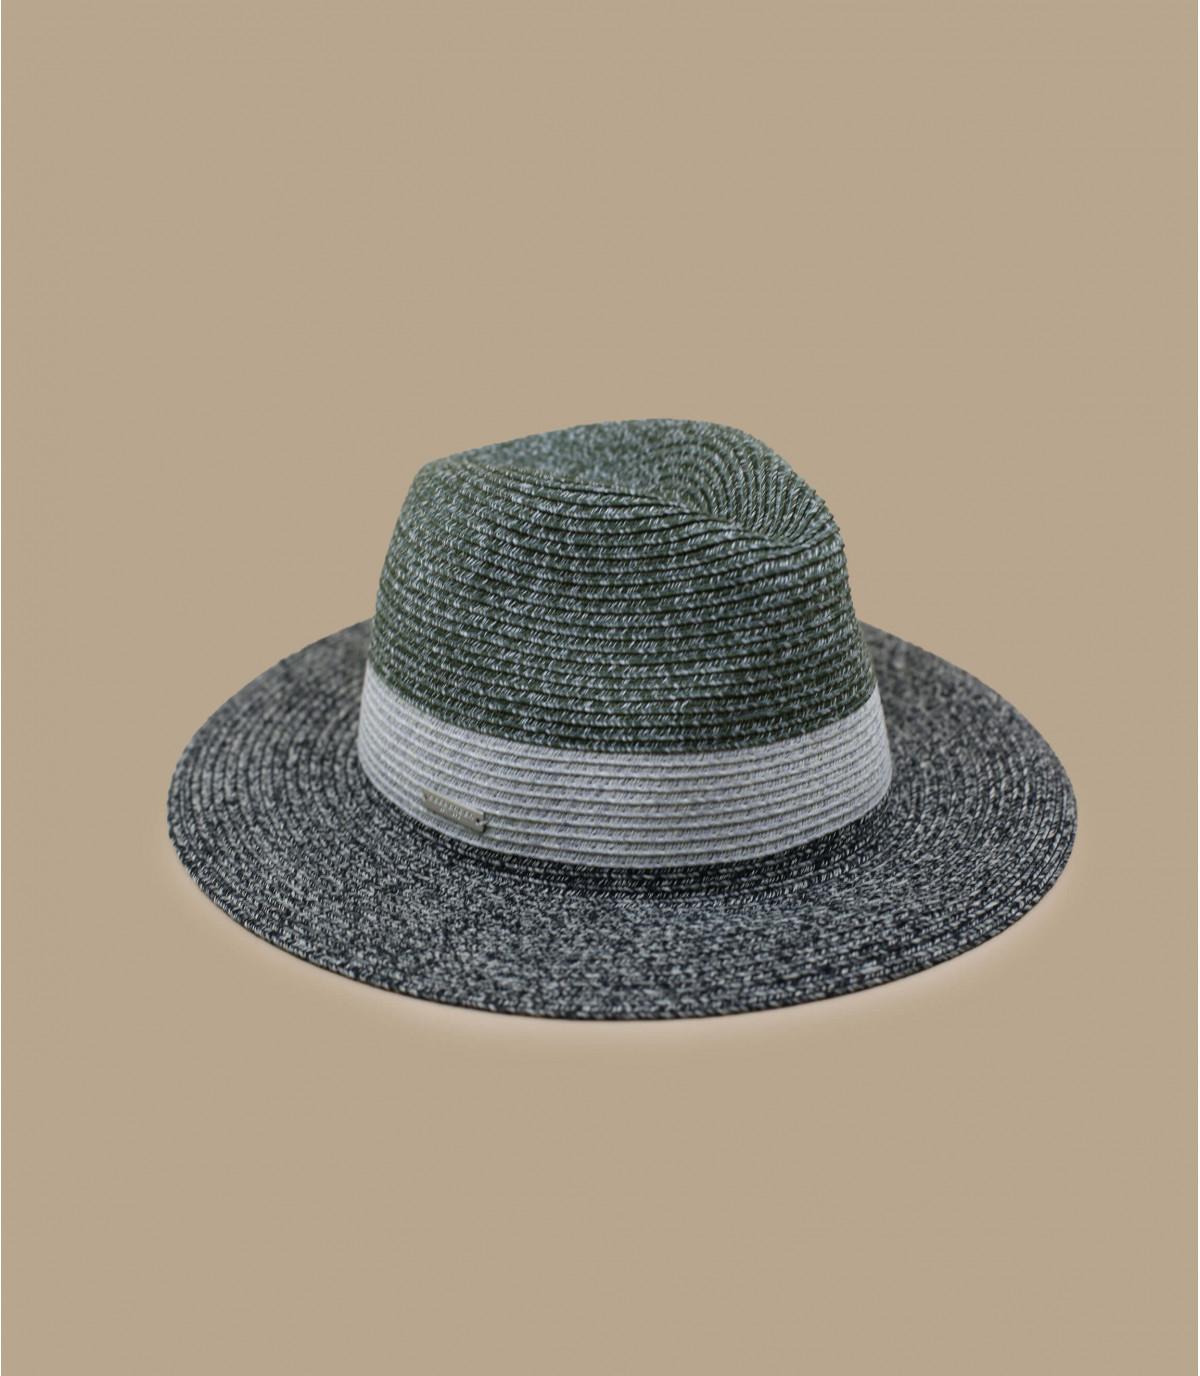 cappello di paglia nero con striscia grigia